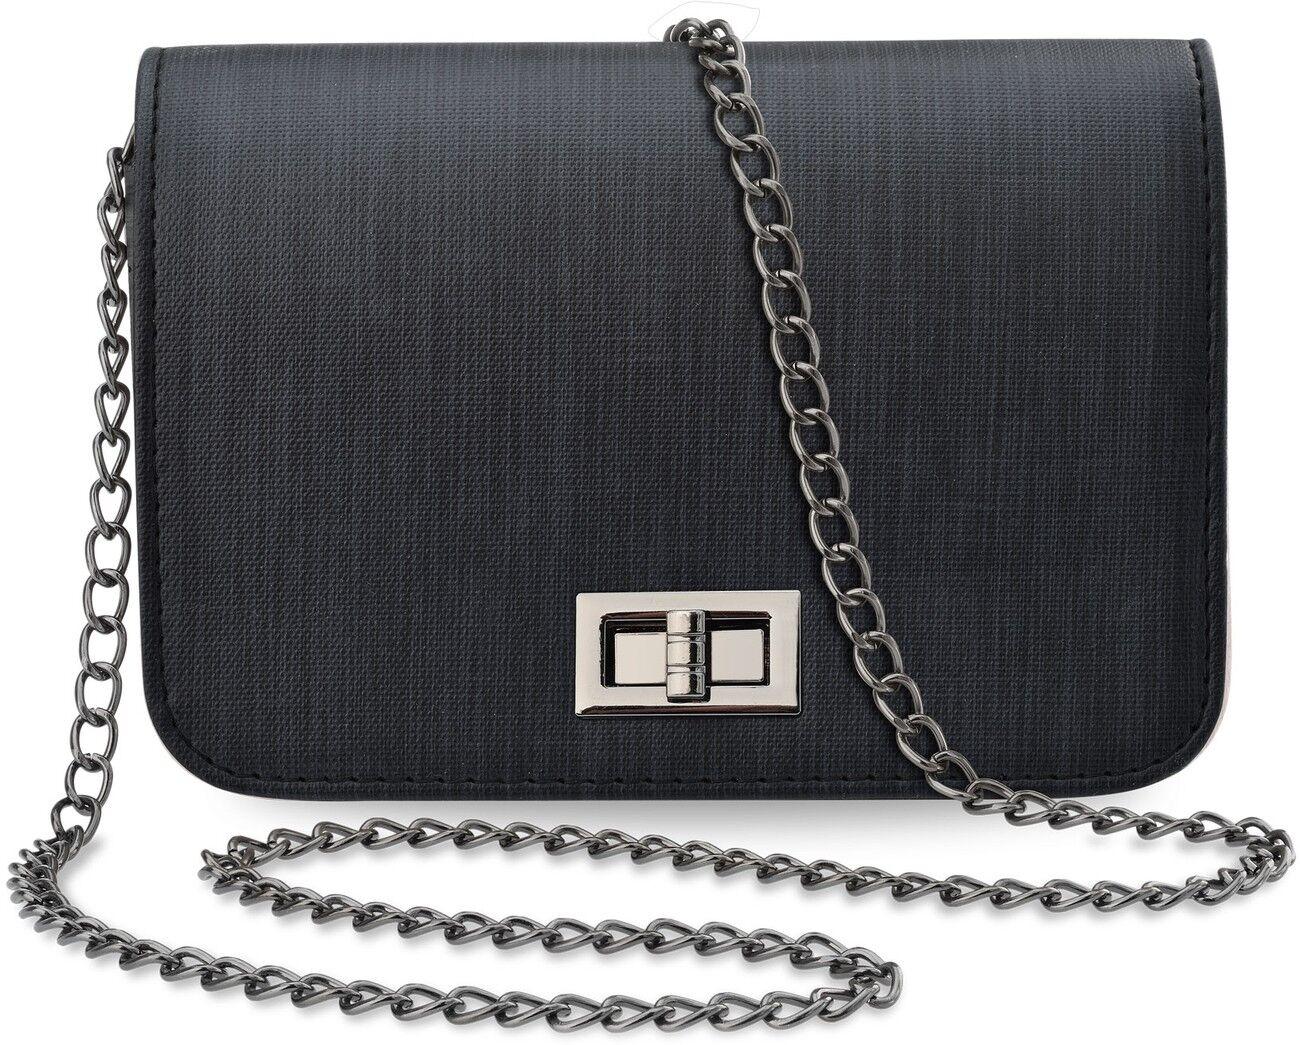 Kleine Schultertasche steife Ausführung Damentasche mit Kette Handtasche schwarz